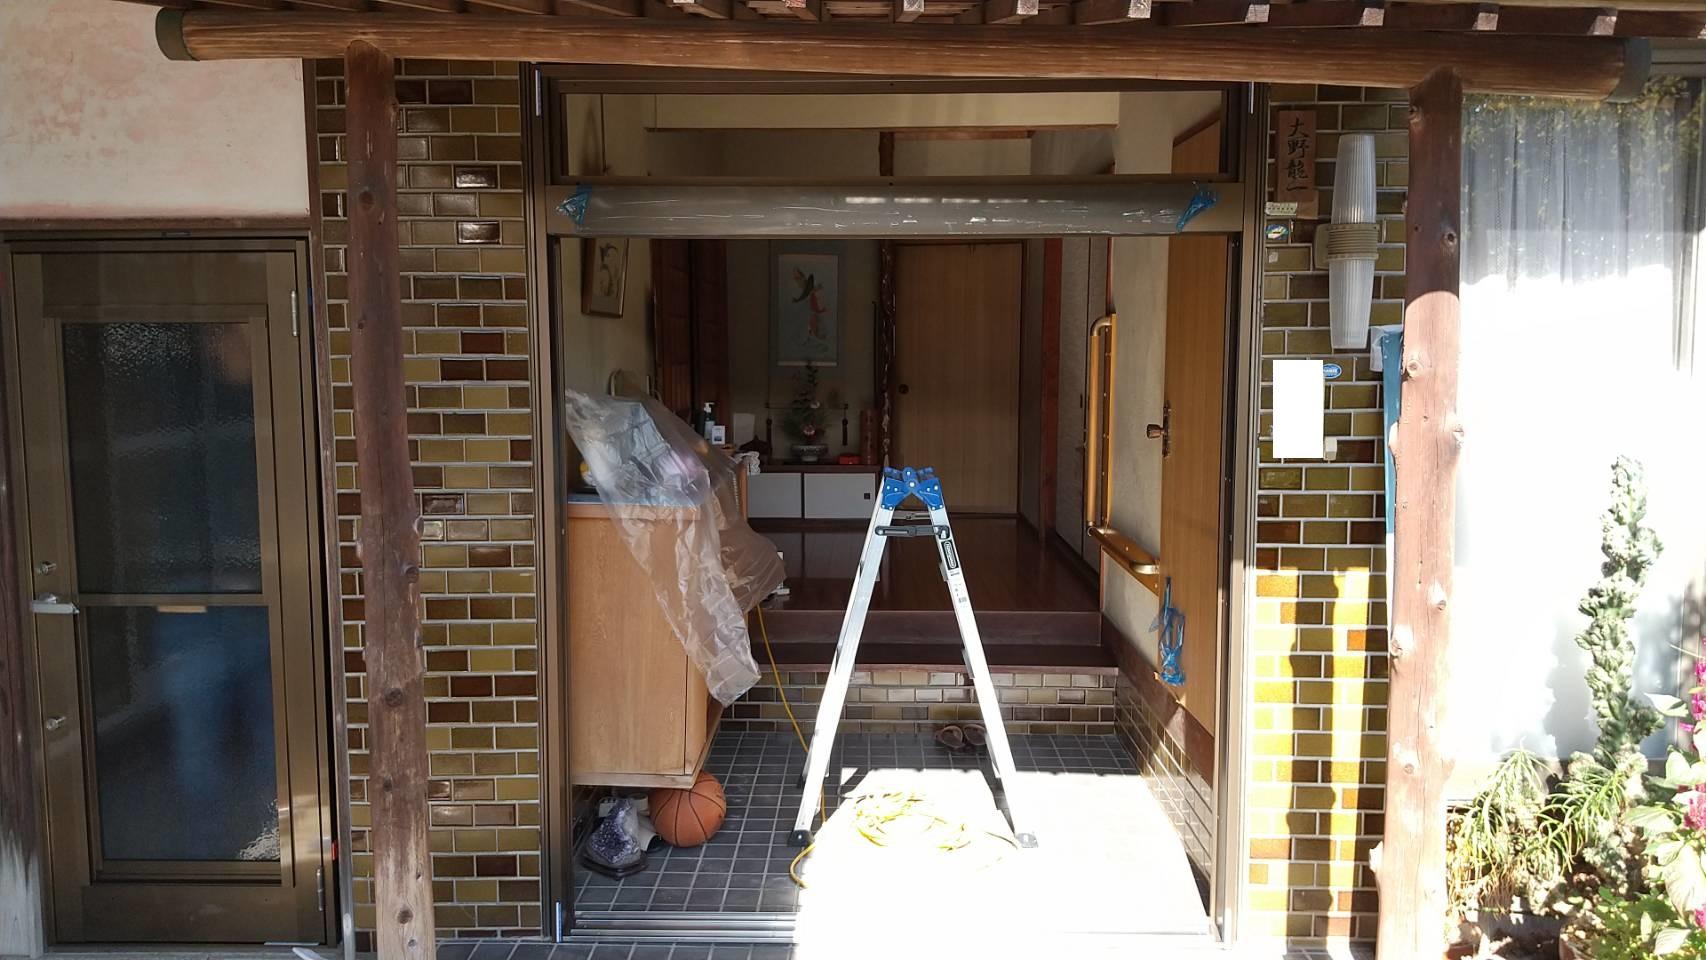 シーエス建材トーヨー住器の岡山市 玄関引戸 リフォーム工事の施工前の写真2